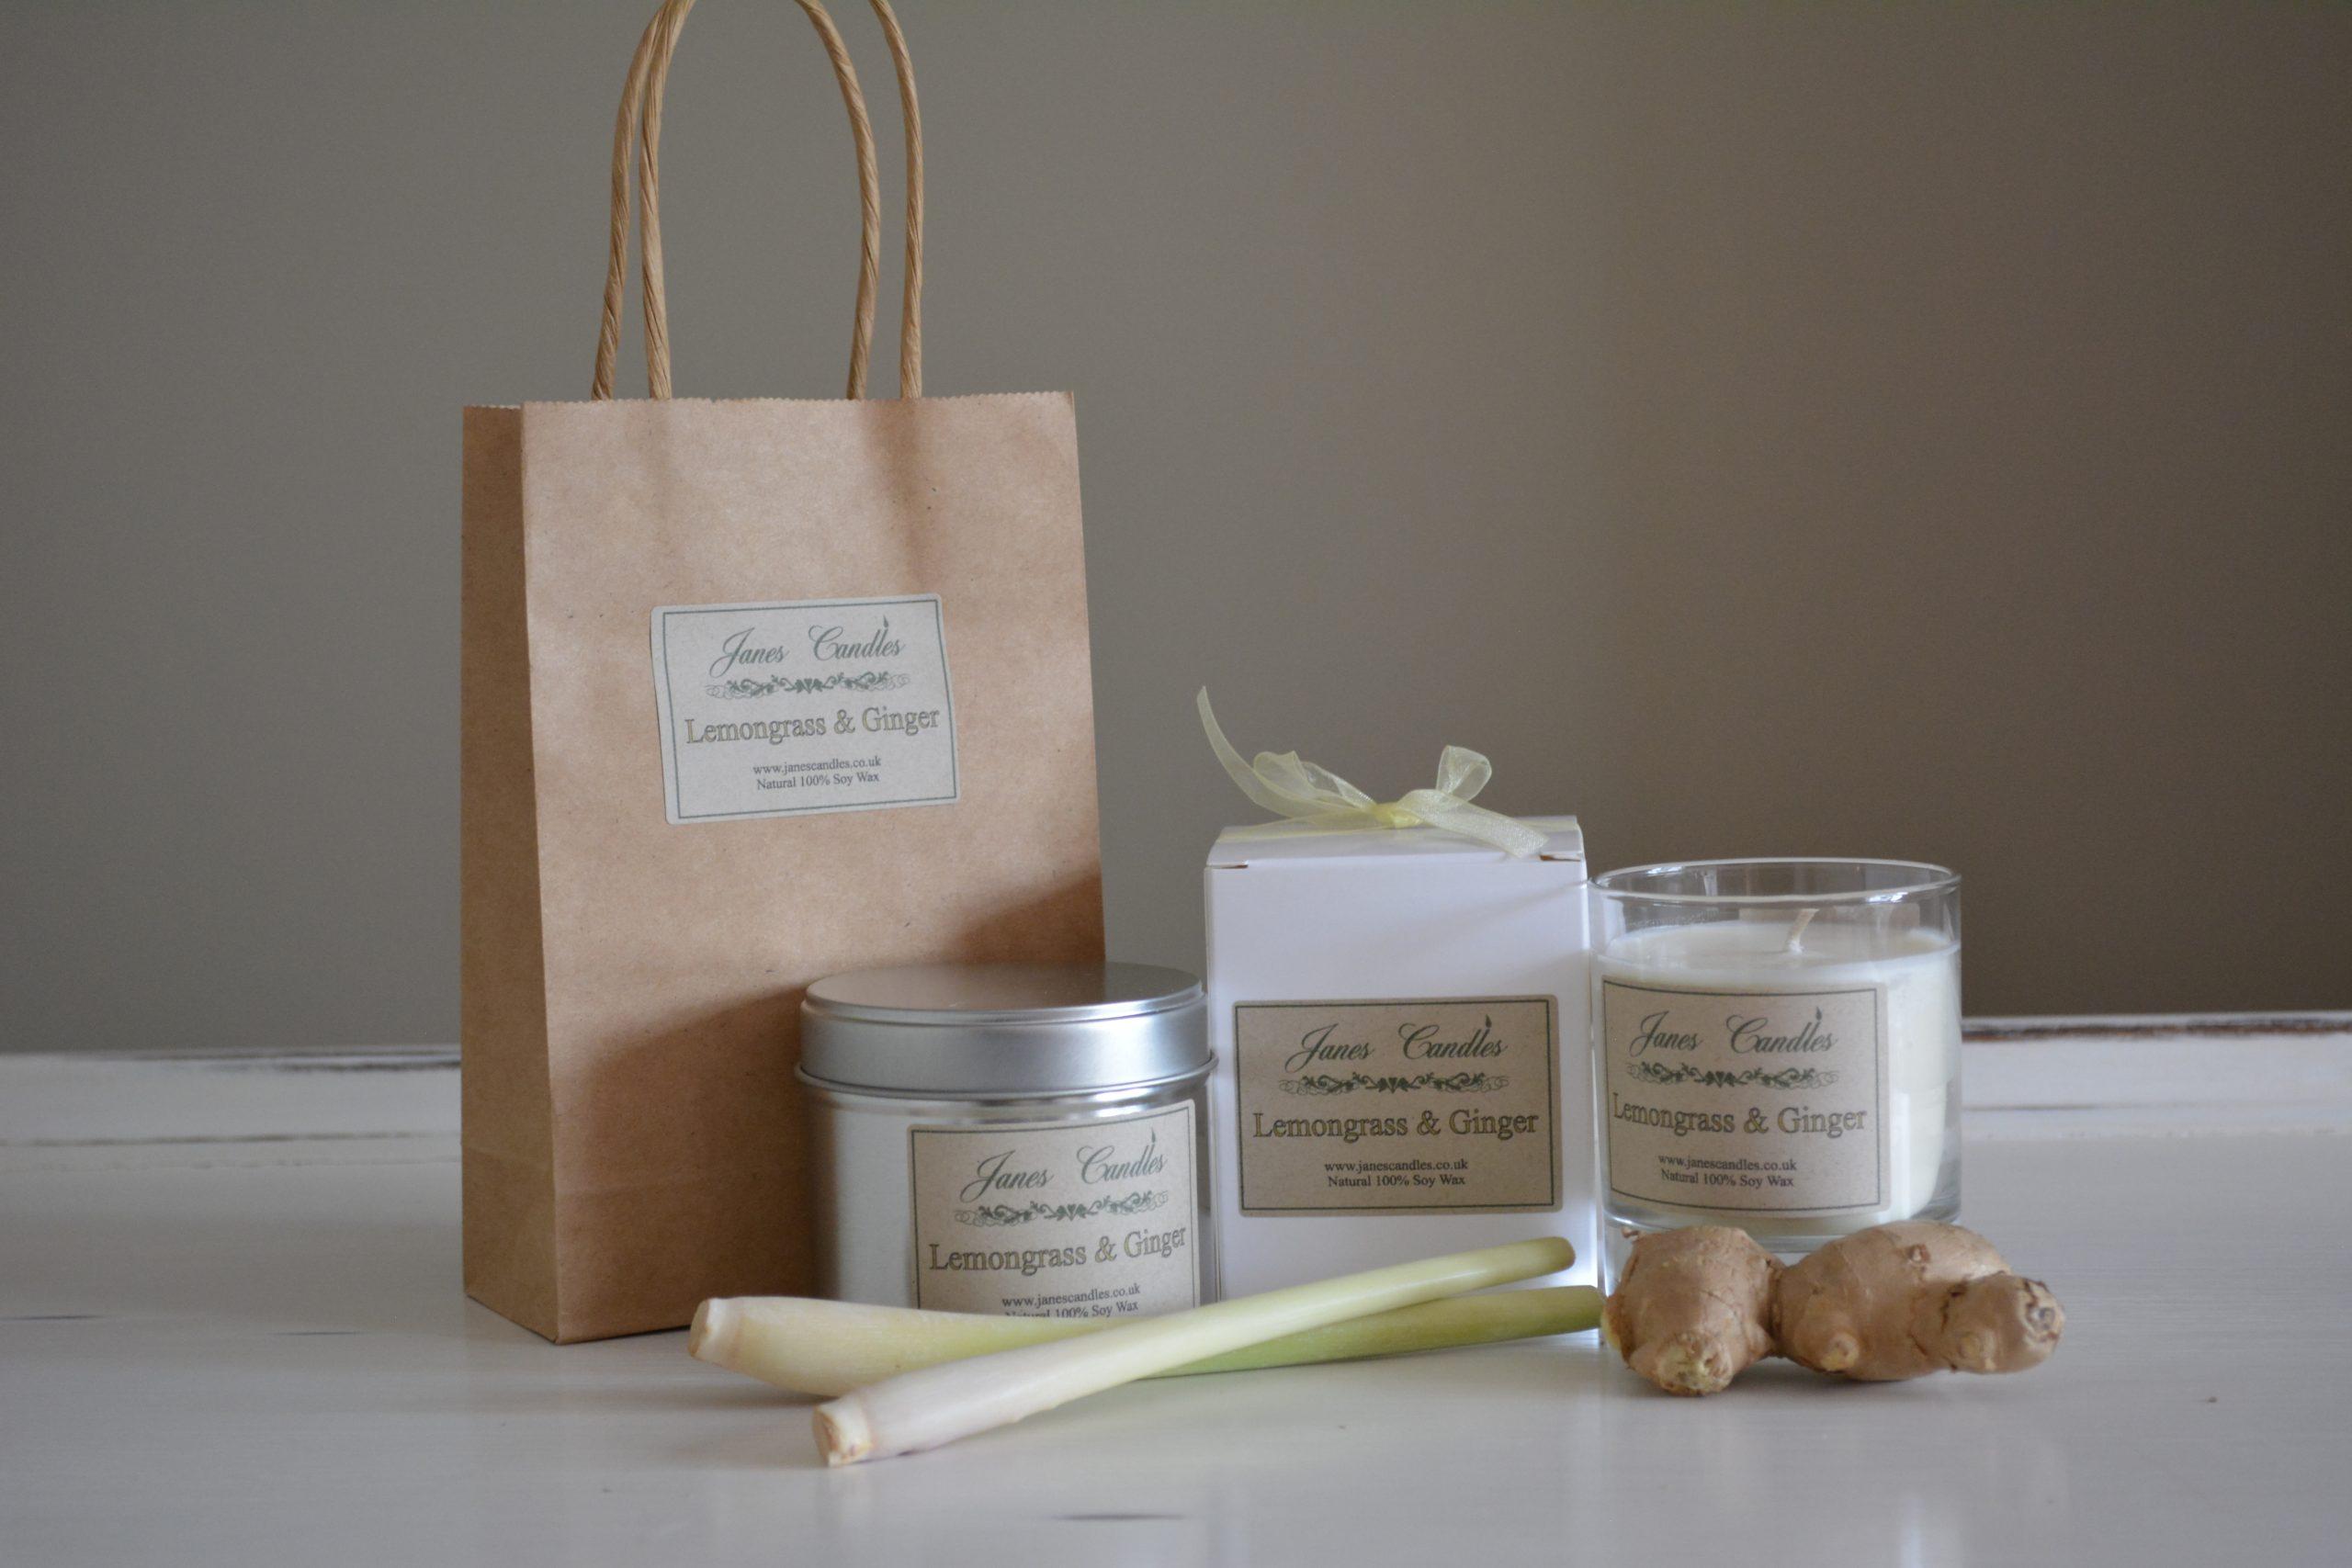 Lemongrass & Ginger Candles